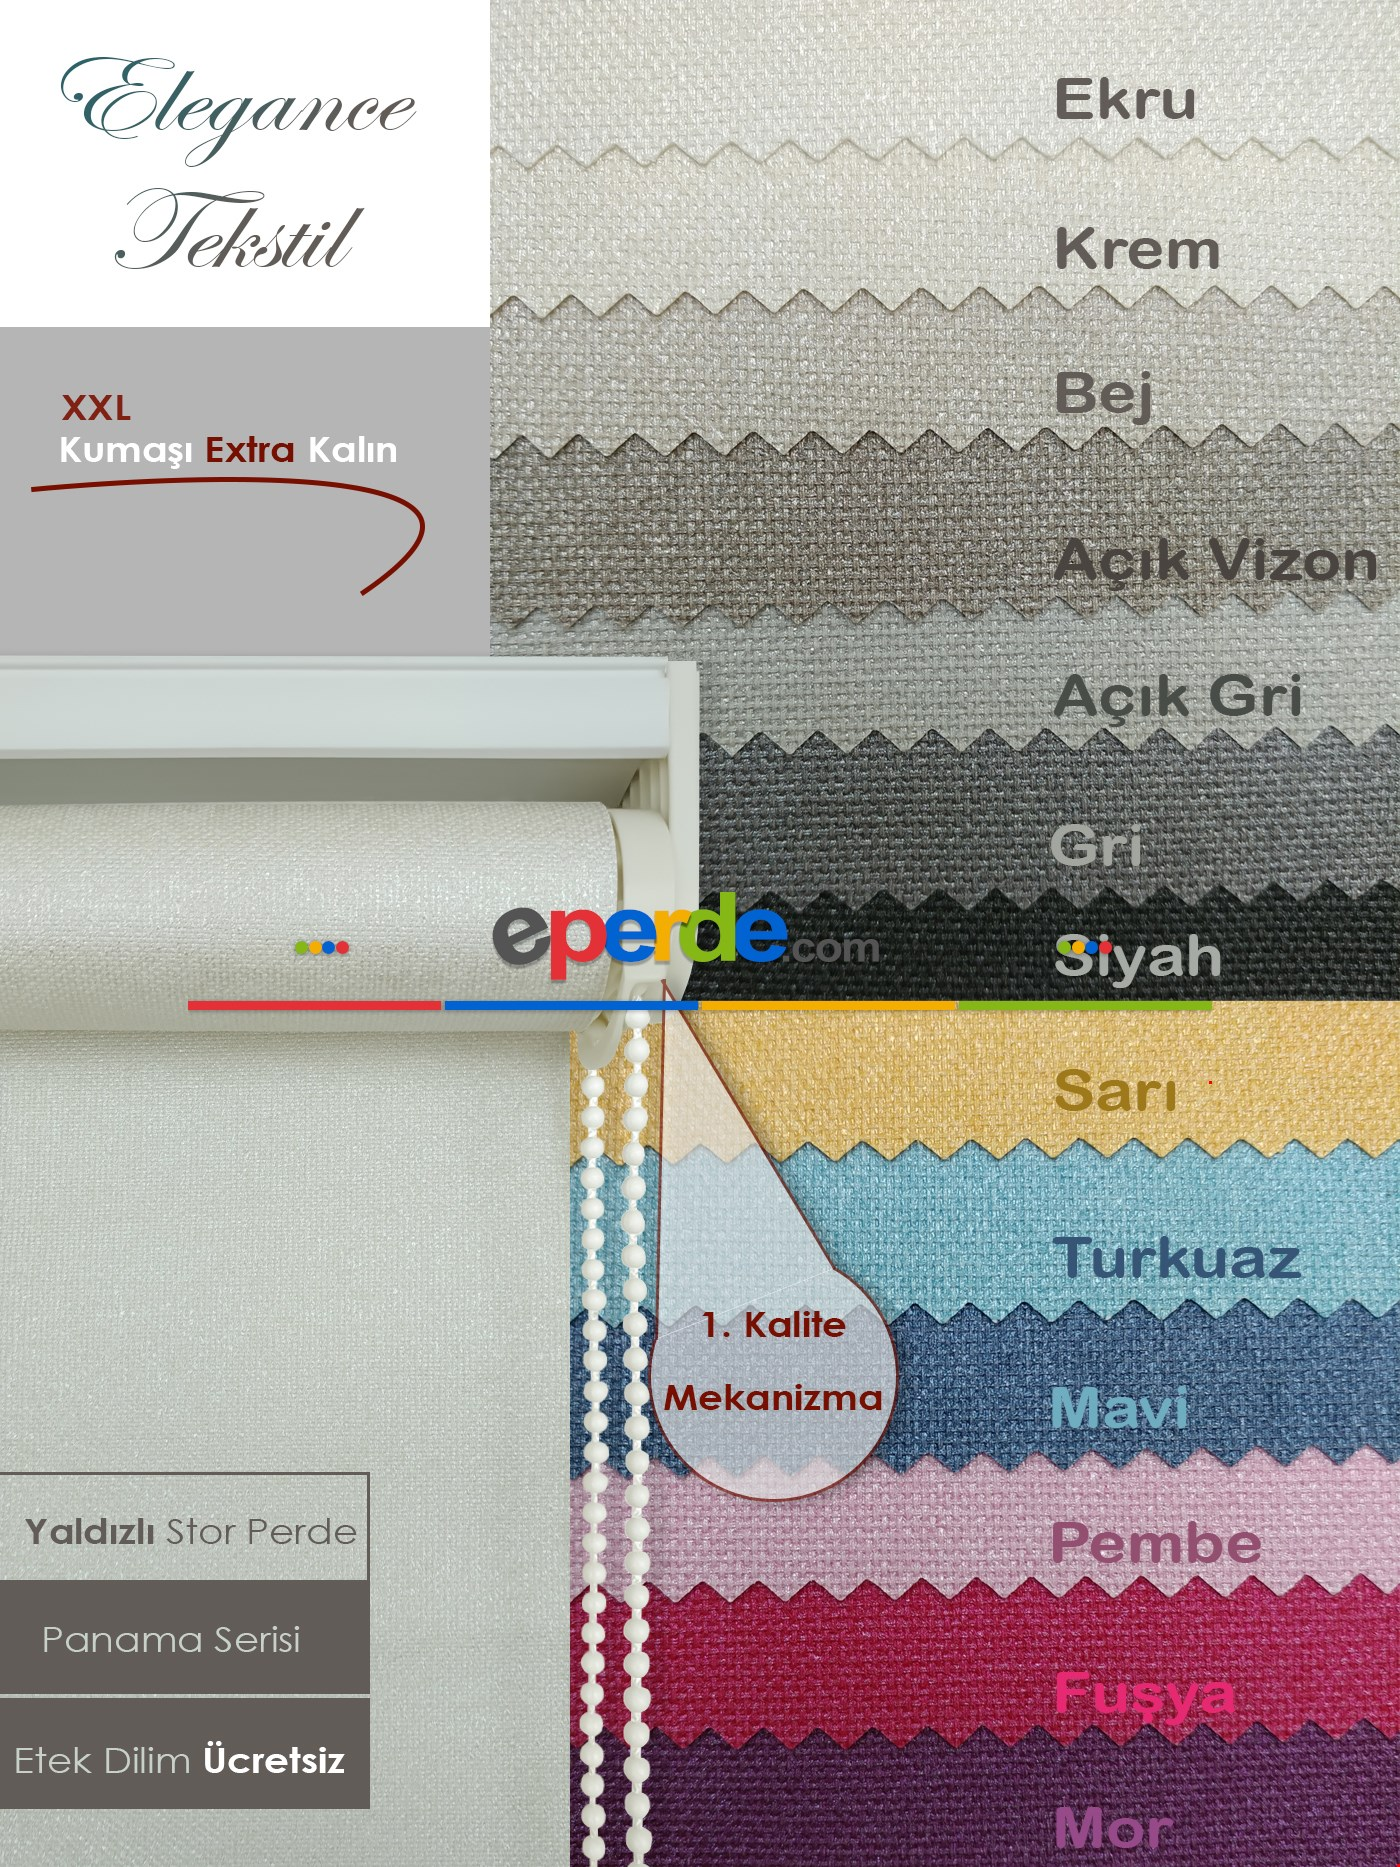 Yaldızlı Stor Perde - Panama Simli Seri - Kalın Dokulu 13 Farklı Renk